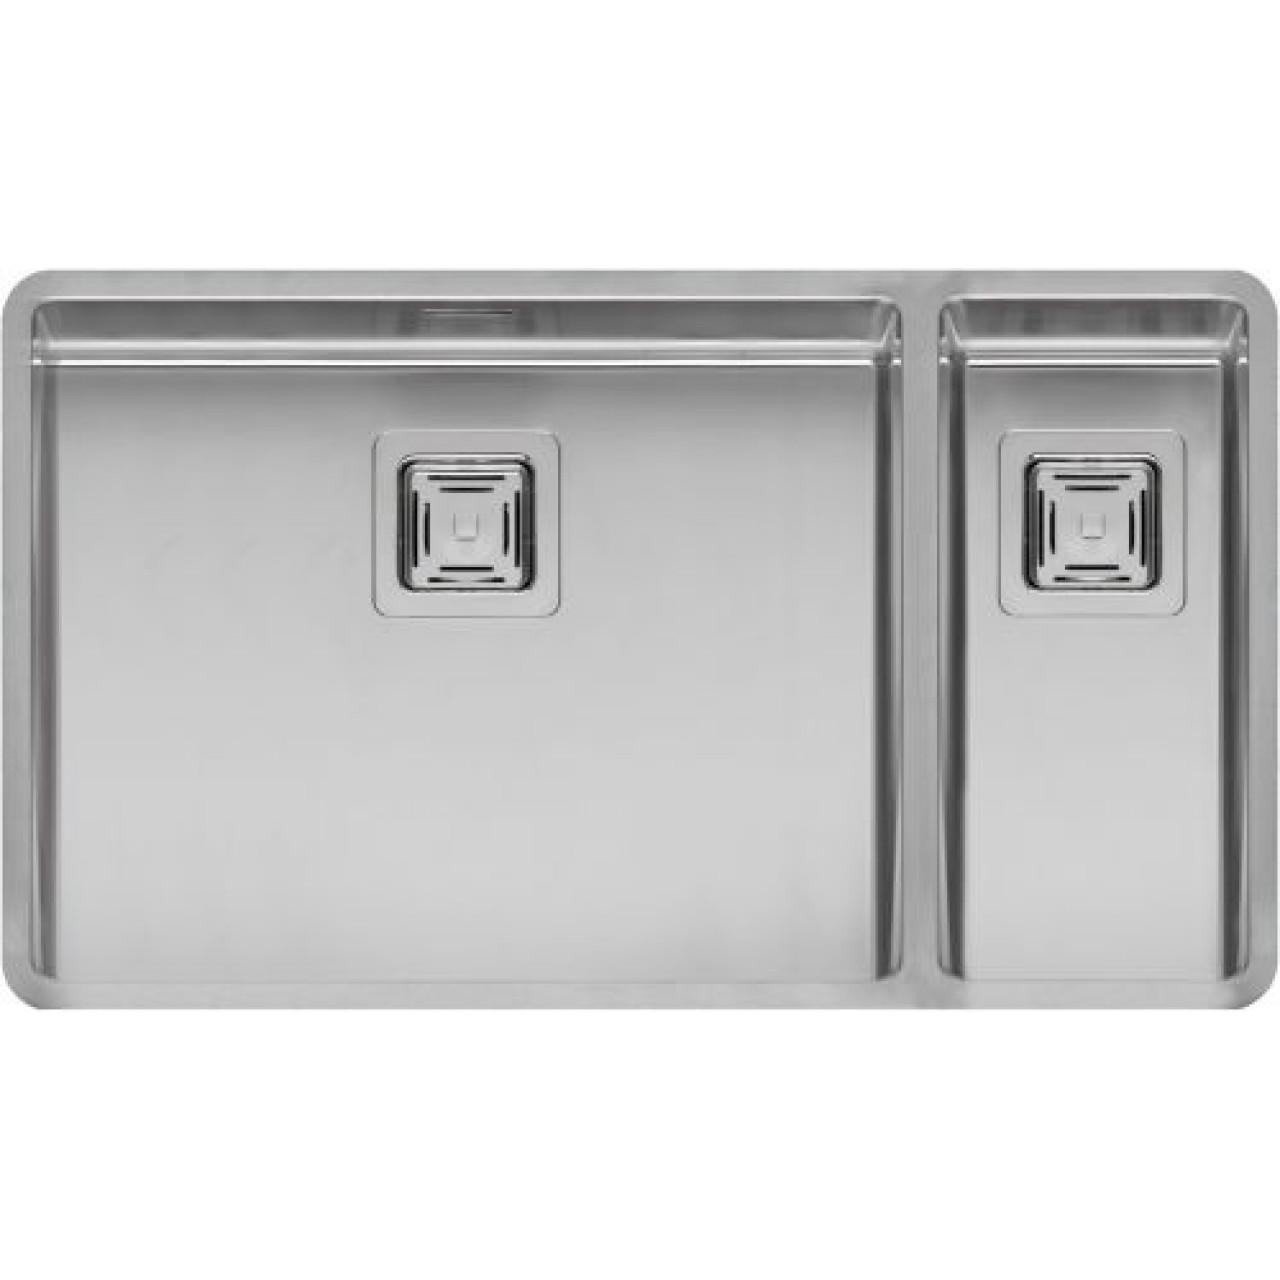 Кухонная мойка Reginox Texas 50x40+18x40 41476 купить в Москве по цене от 78300р. в интернет-магазине mebel-v-vannu.ru